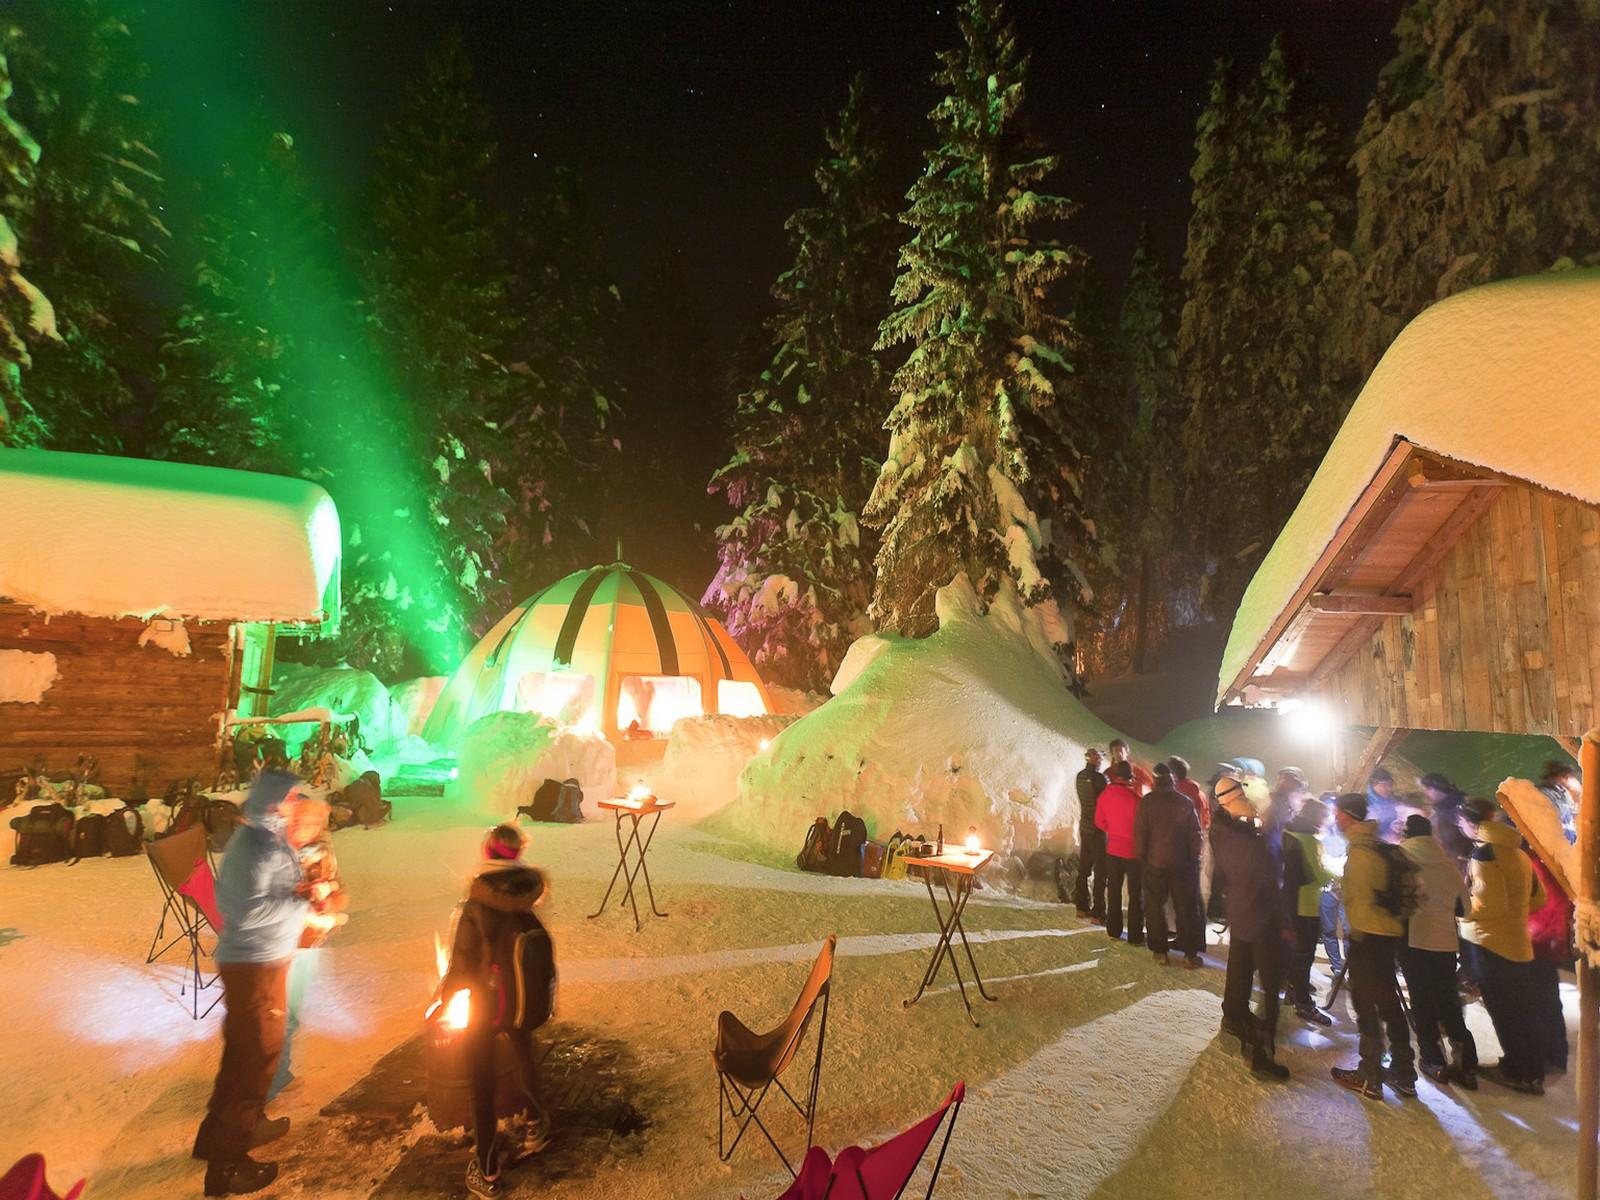 Soirée originale séminaire au village igloo - Haute Savoie